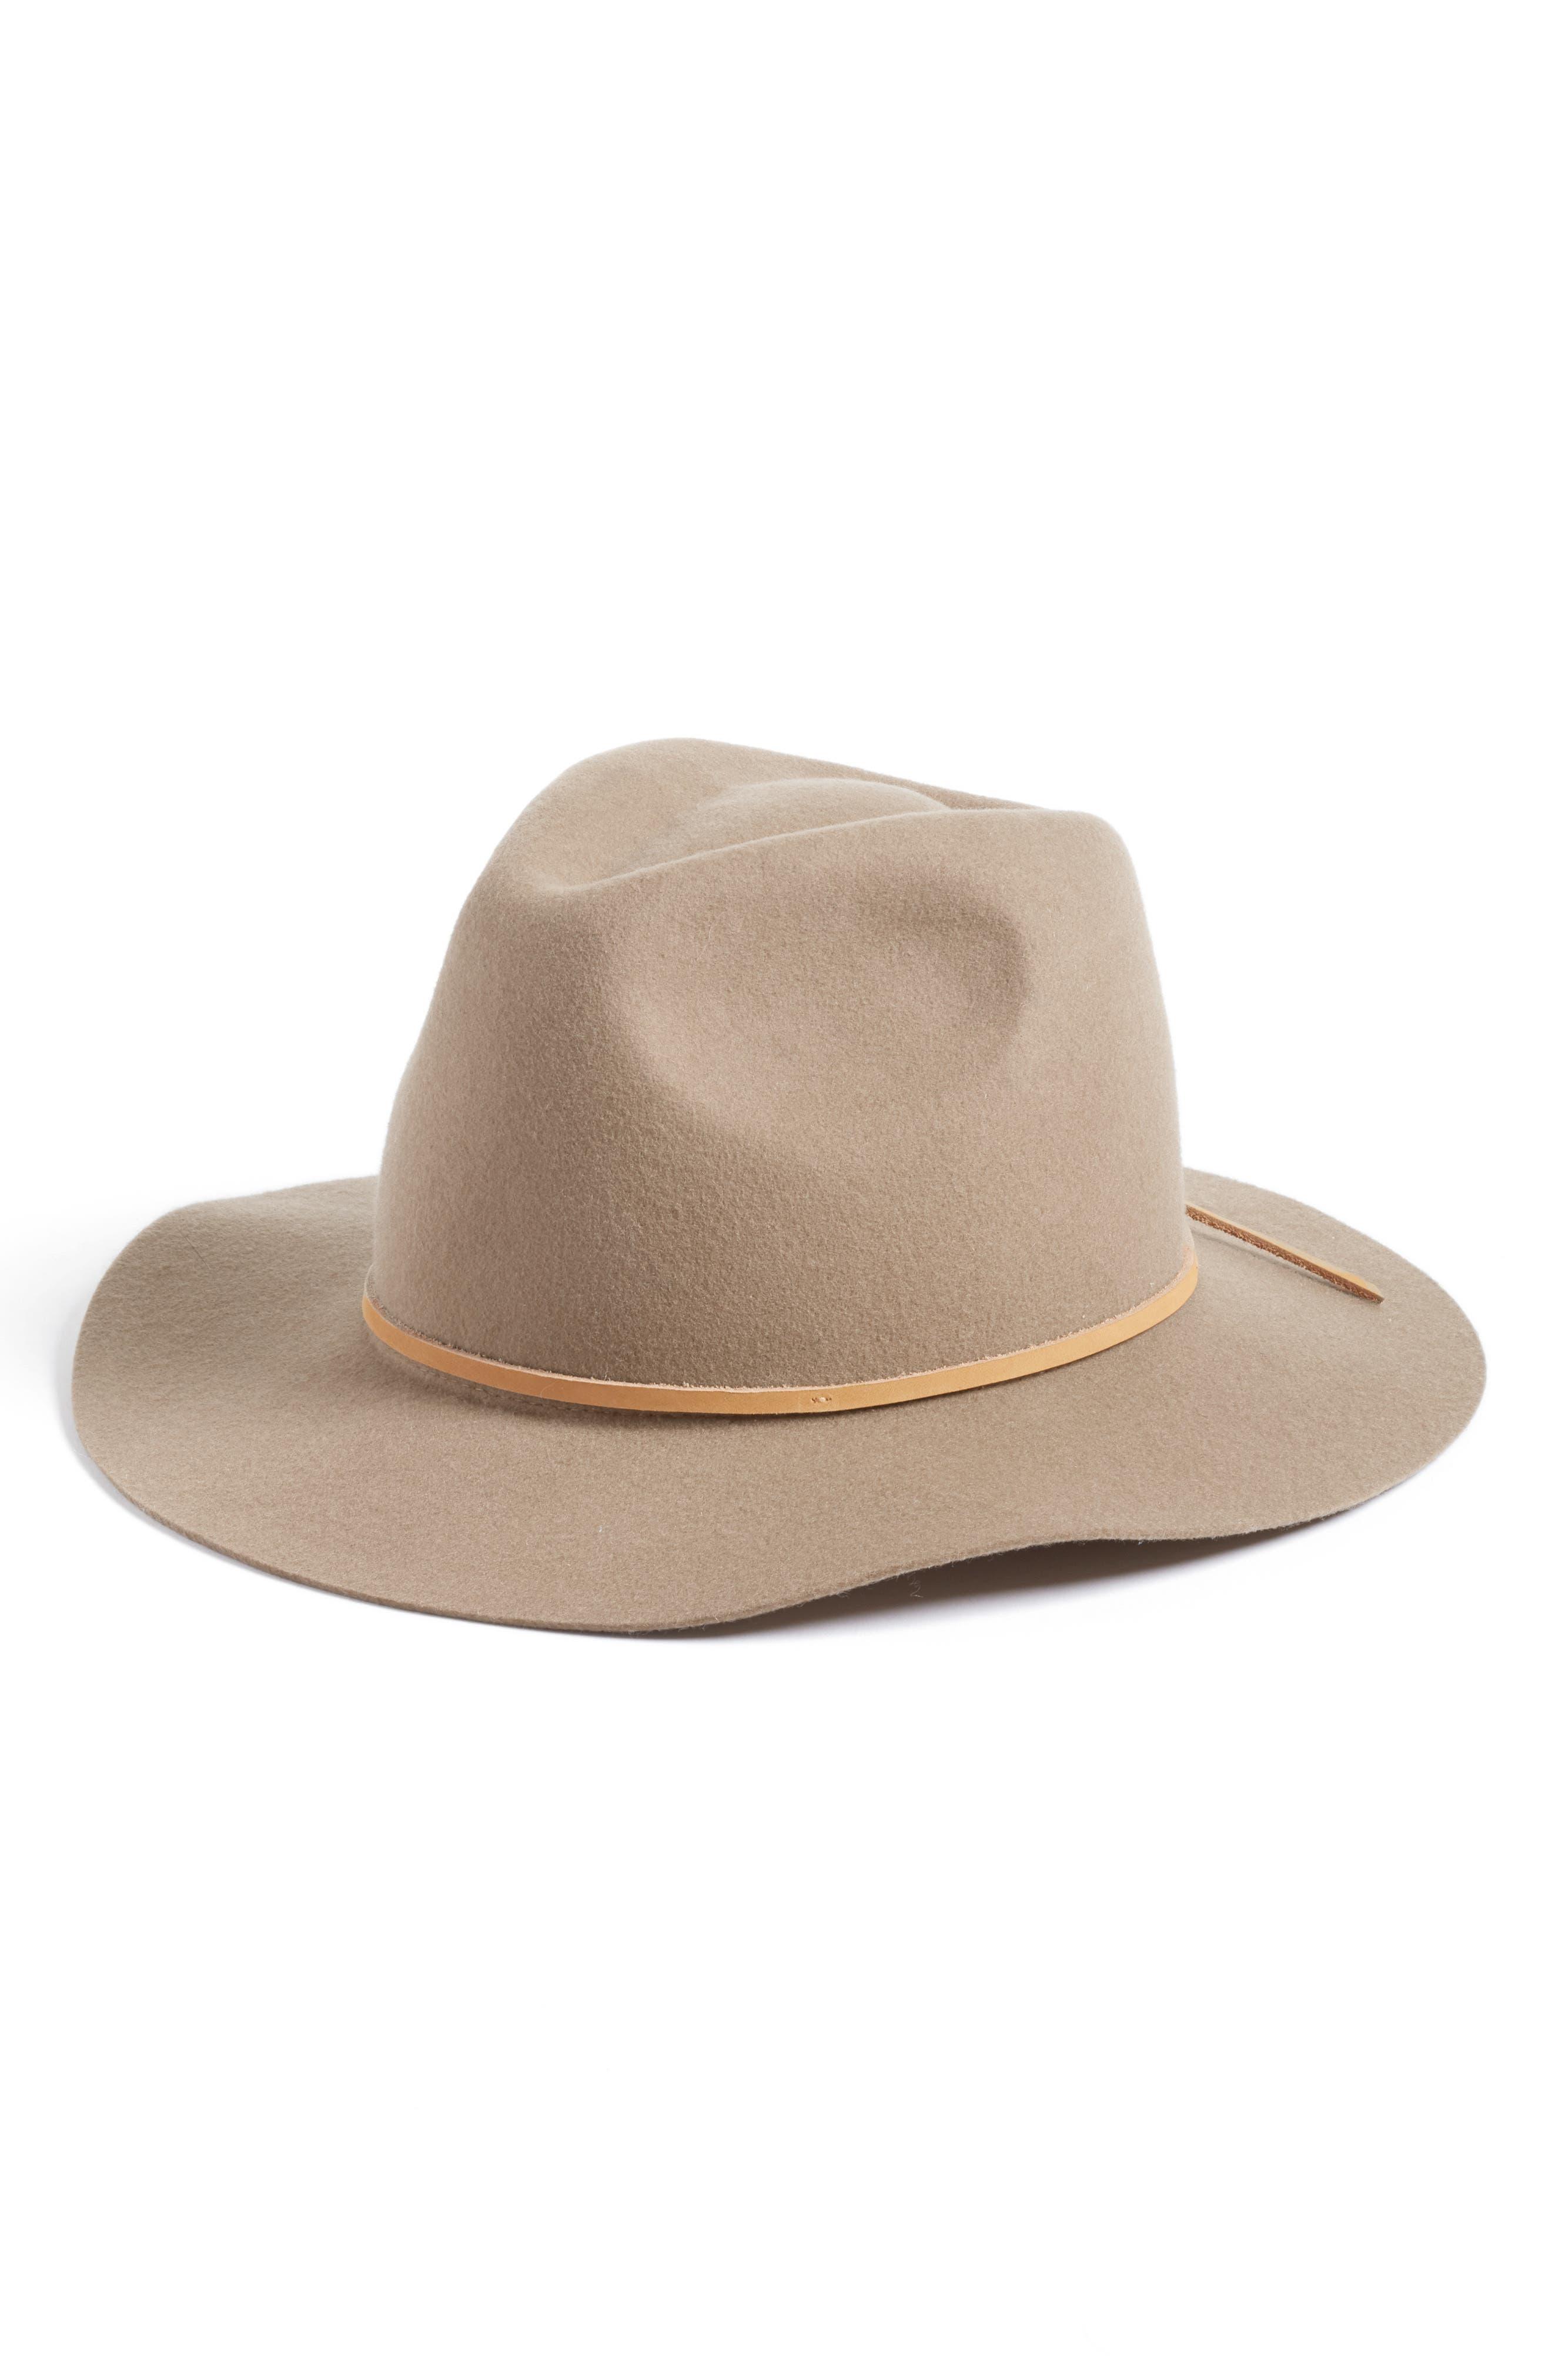 Brixton \u0027Wesley\u0027 Wool Fedora Women\u0027s Fedoras \u0026 Panama Hats | Nordstrom